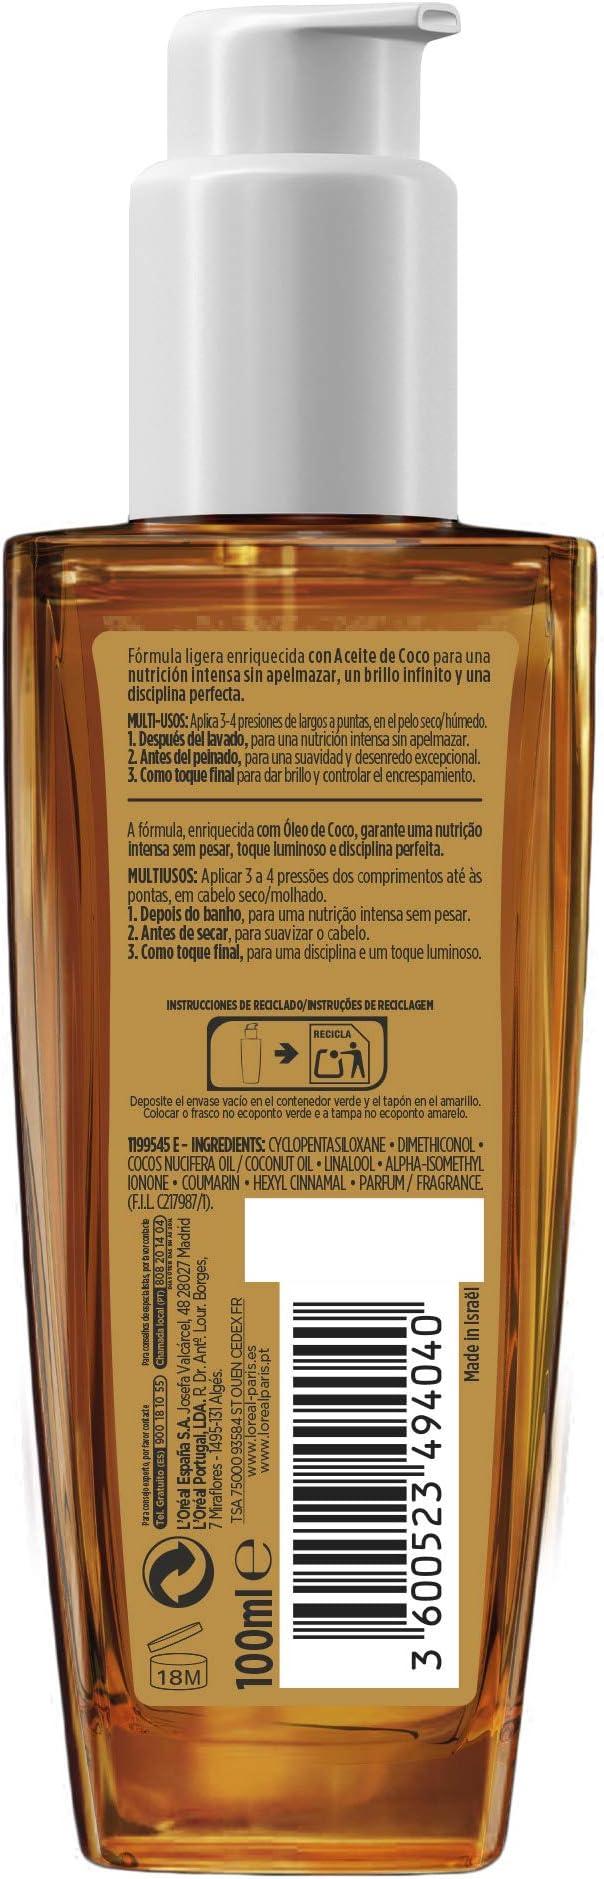 LOreal Paris Elvive Aceite Extraordinario de Coco, Tratamiento Universal, Para Pelos Normales a Secos y Sin Brillo, 100 ml